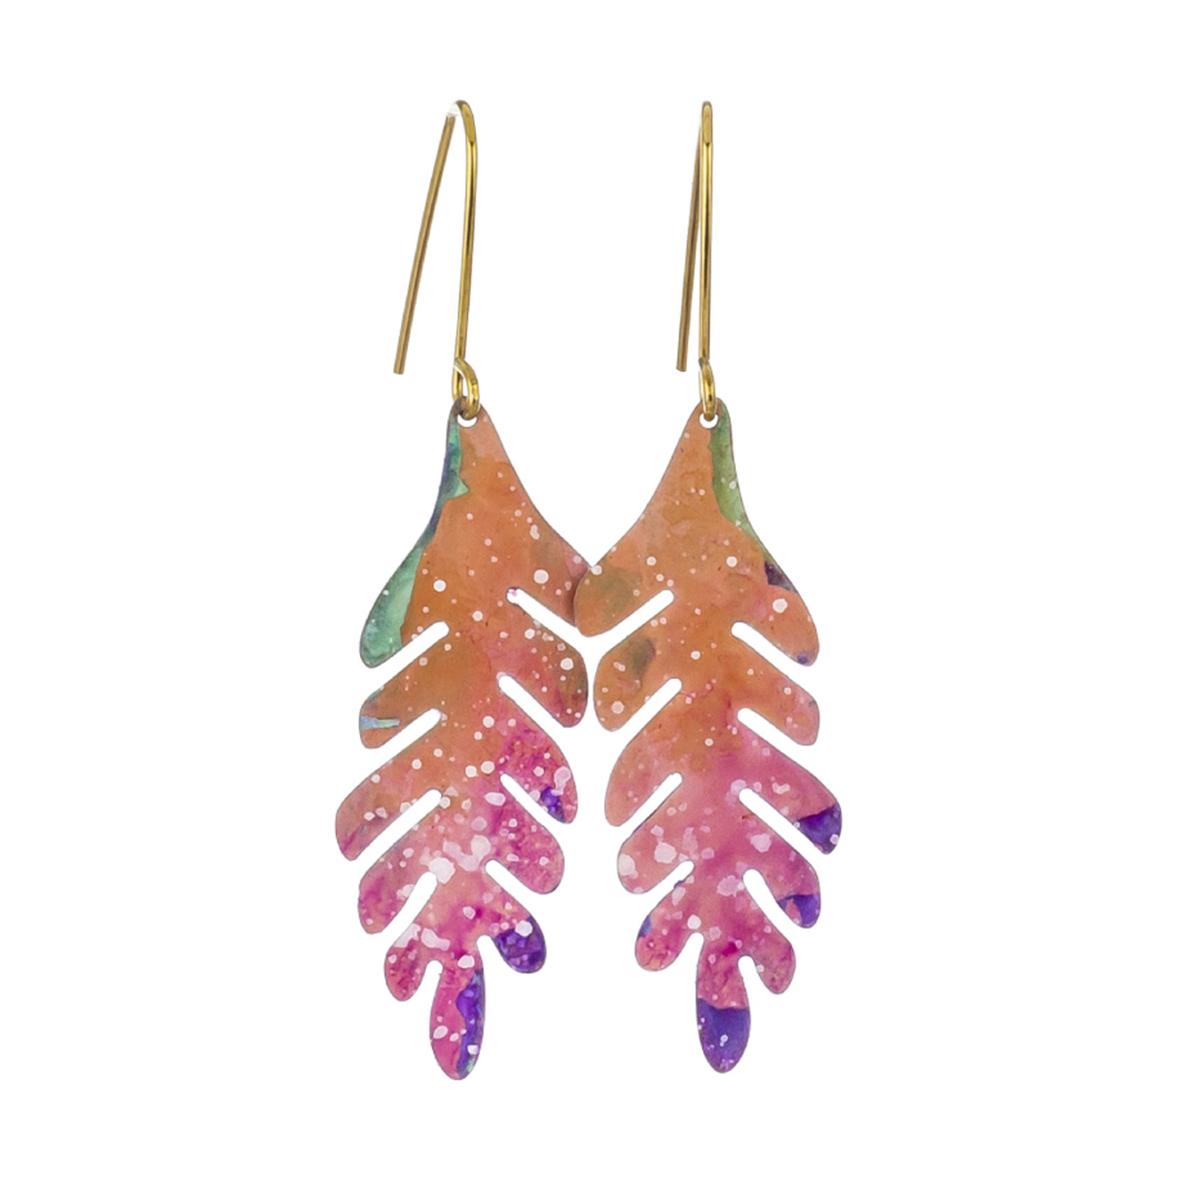 Prairie leaf hook earrings by Sibilia